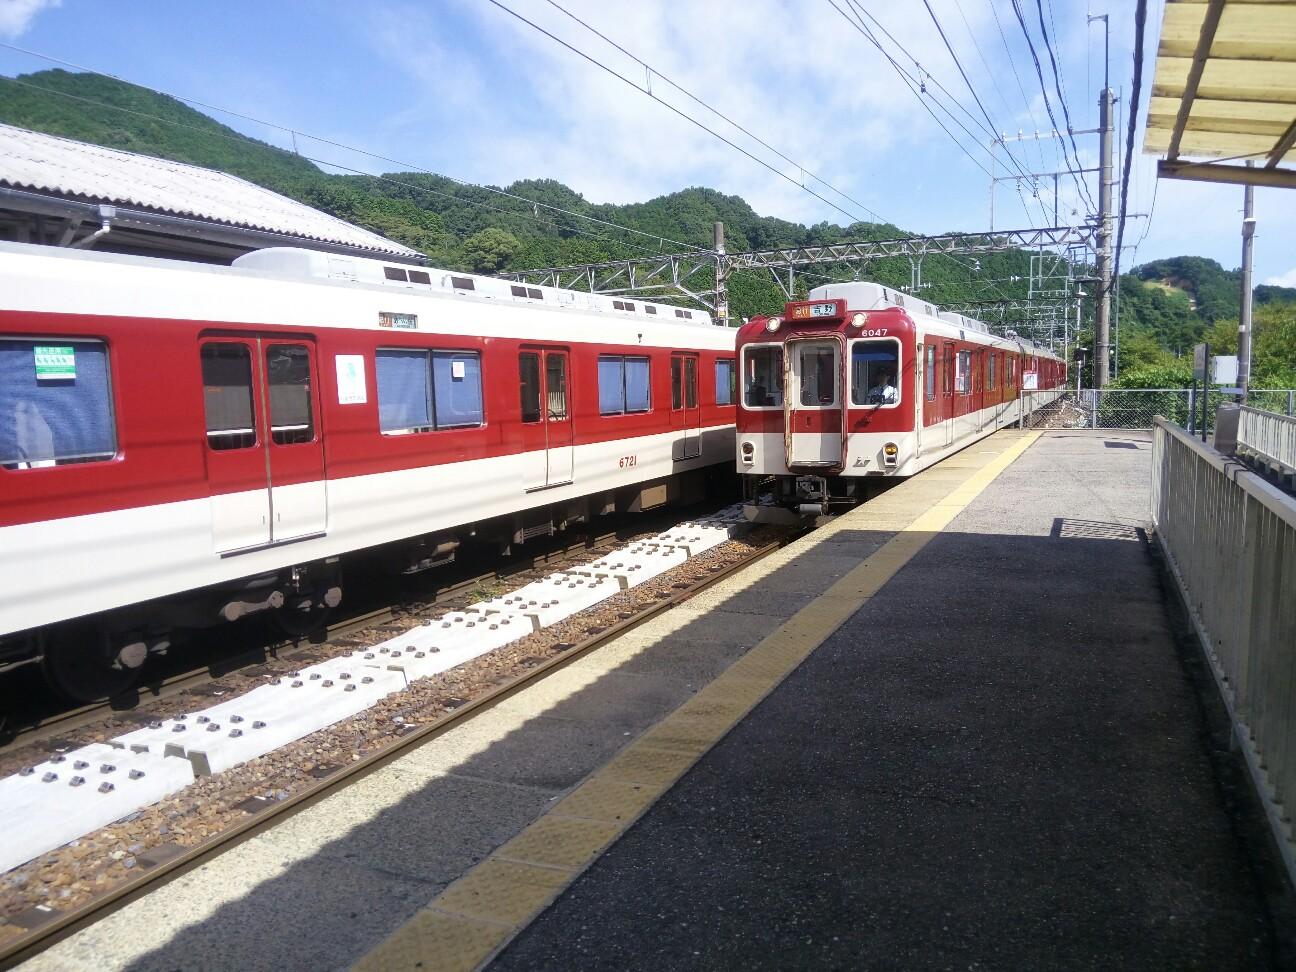 f:id:Osakaloopline:20171009015659j:image